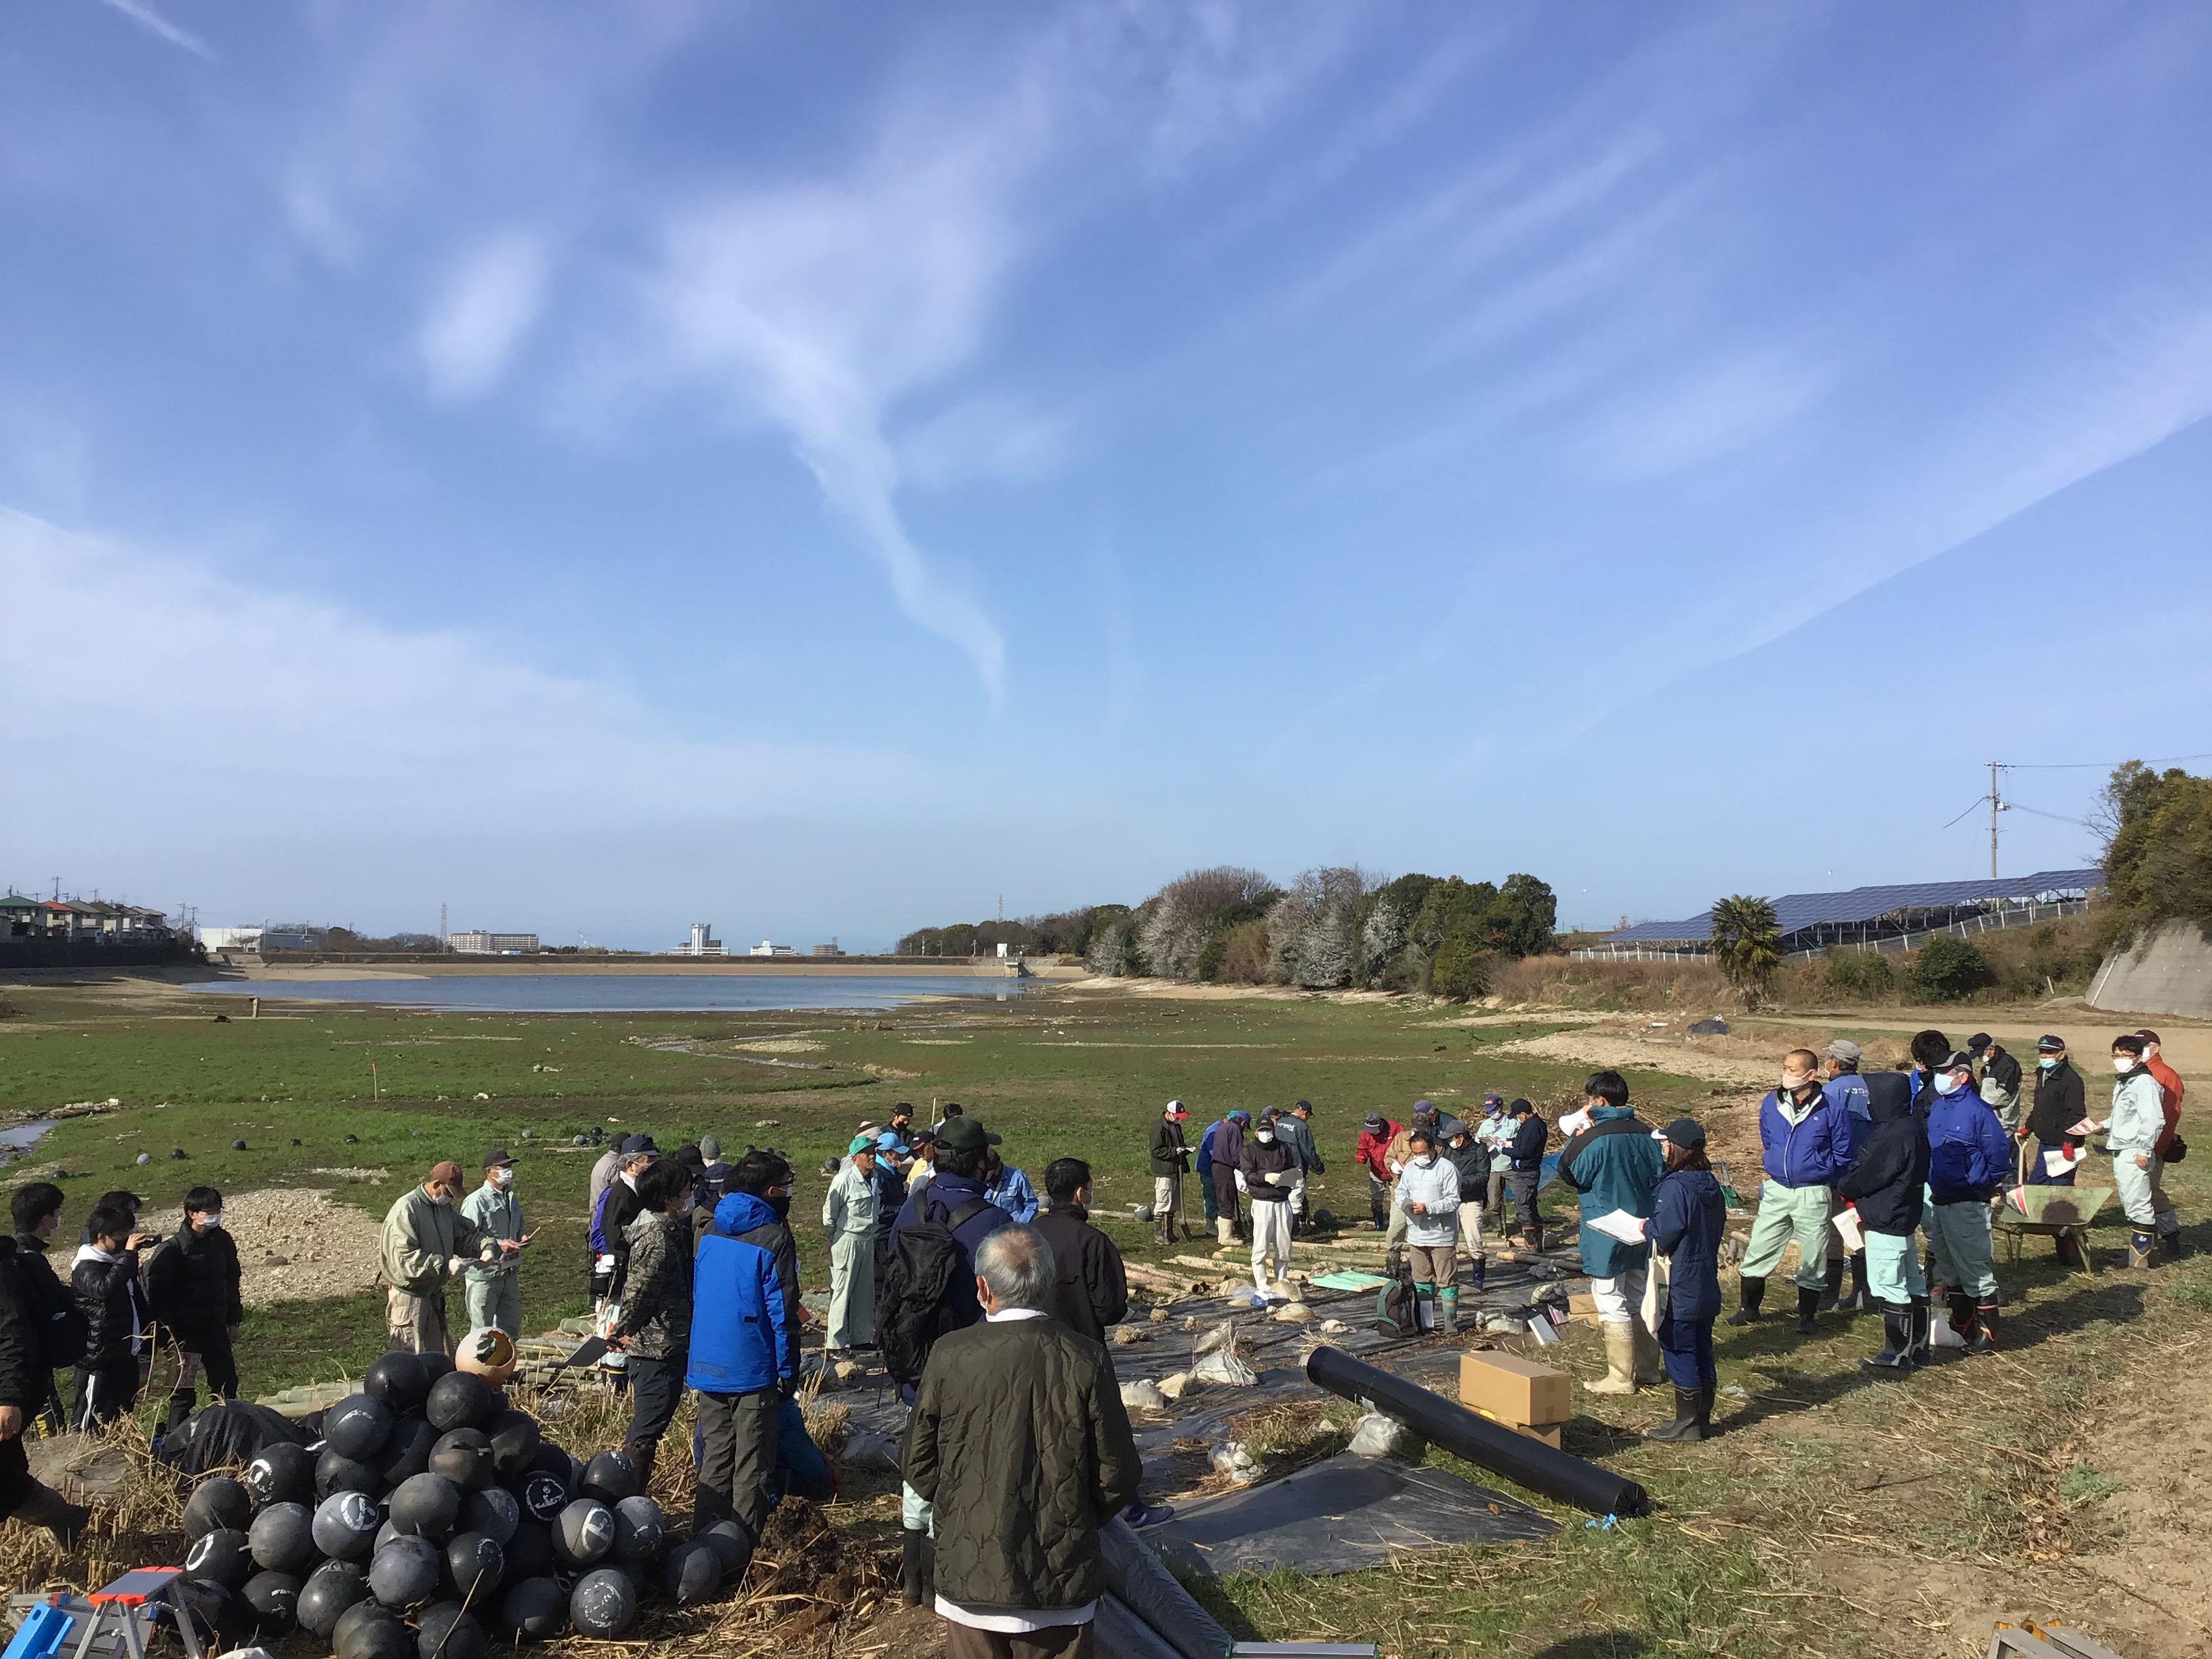 総勢70名参加。背景の寛政池は寛政12年(1800)完成。駄洒落ですが(笑)。江井島も水利権があるらしいです。